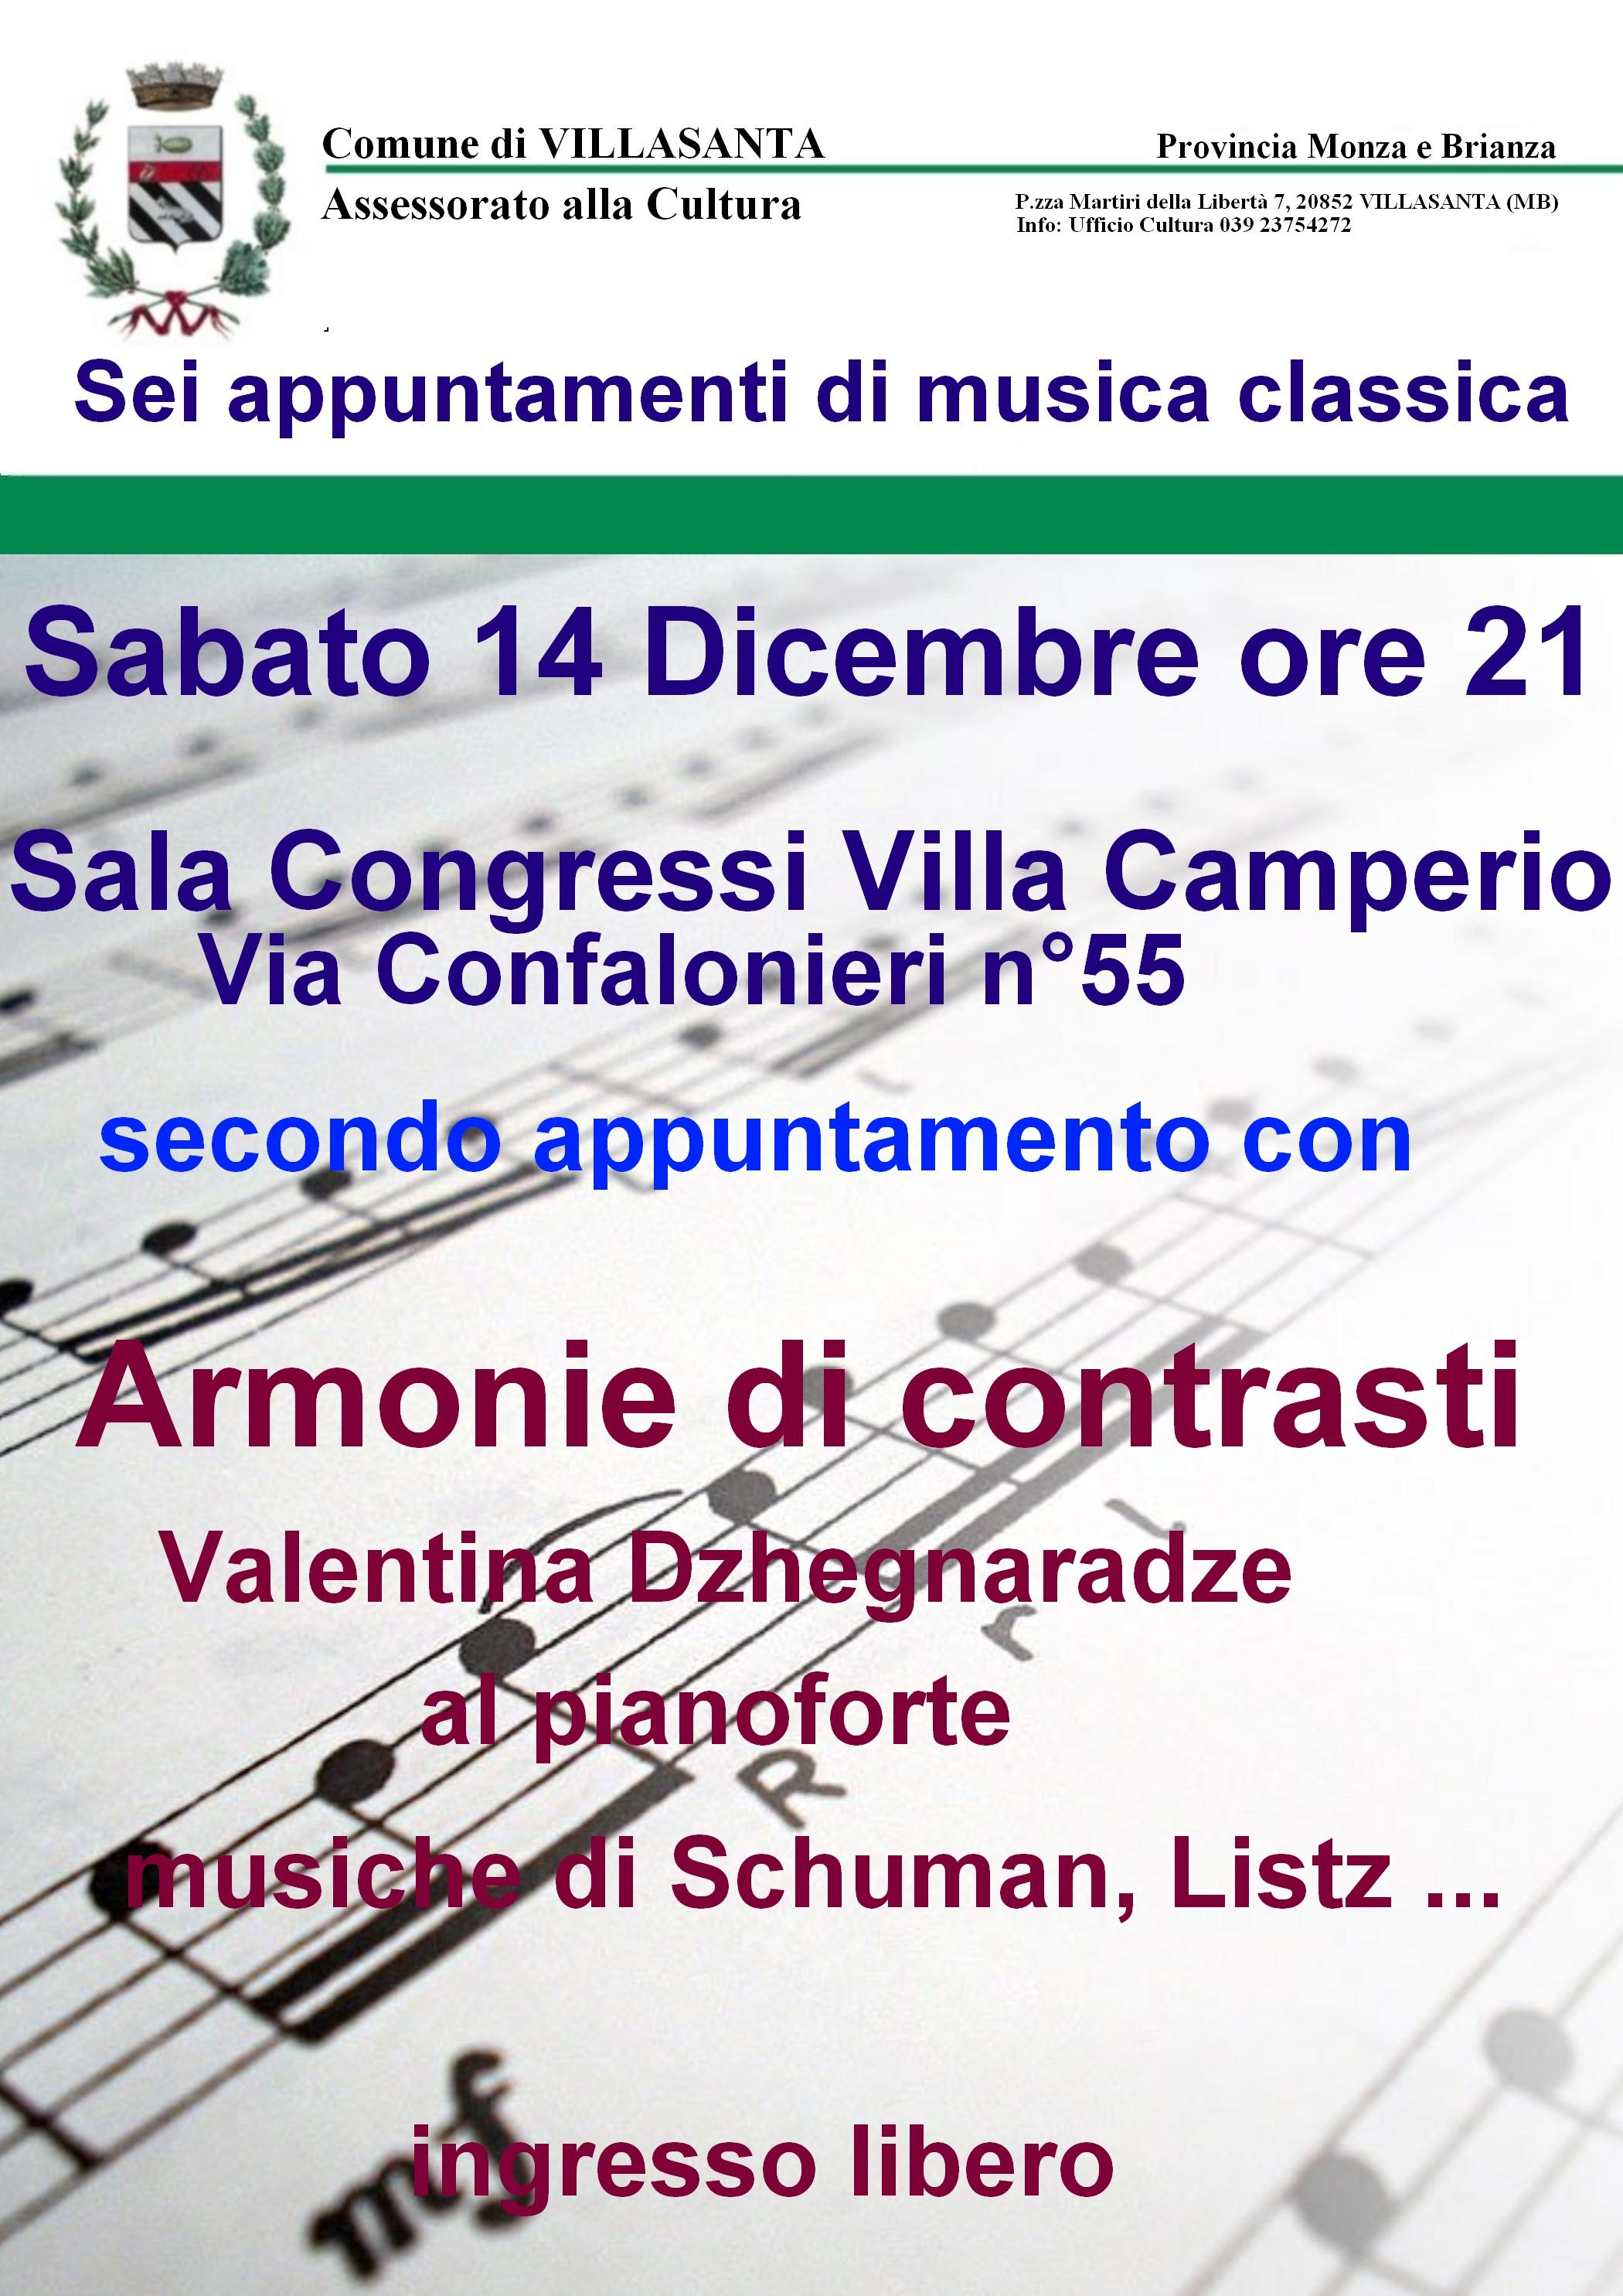 Musica classica comune di villasanta mb for Casa discografica musica classica